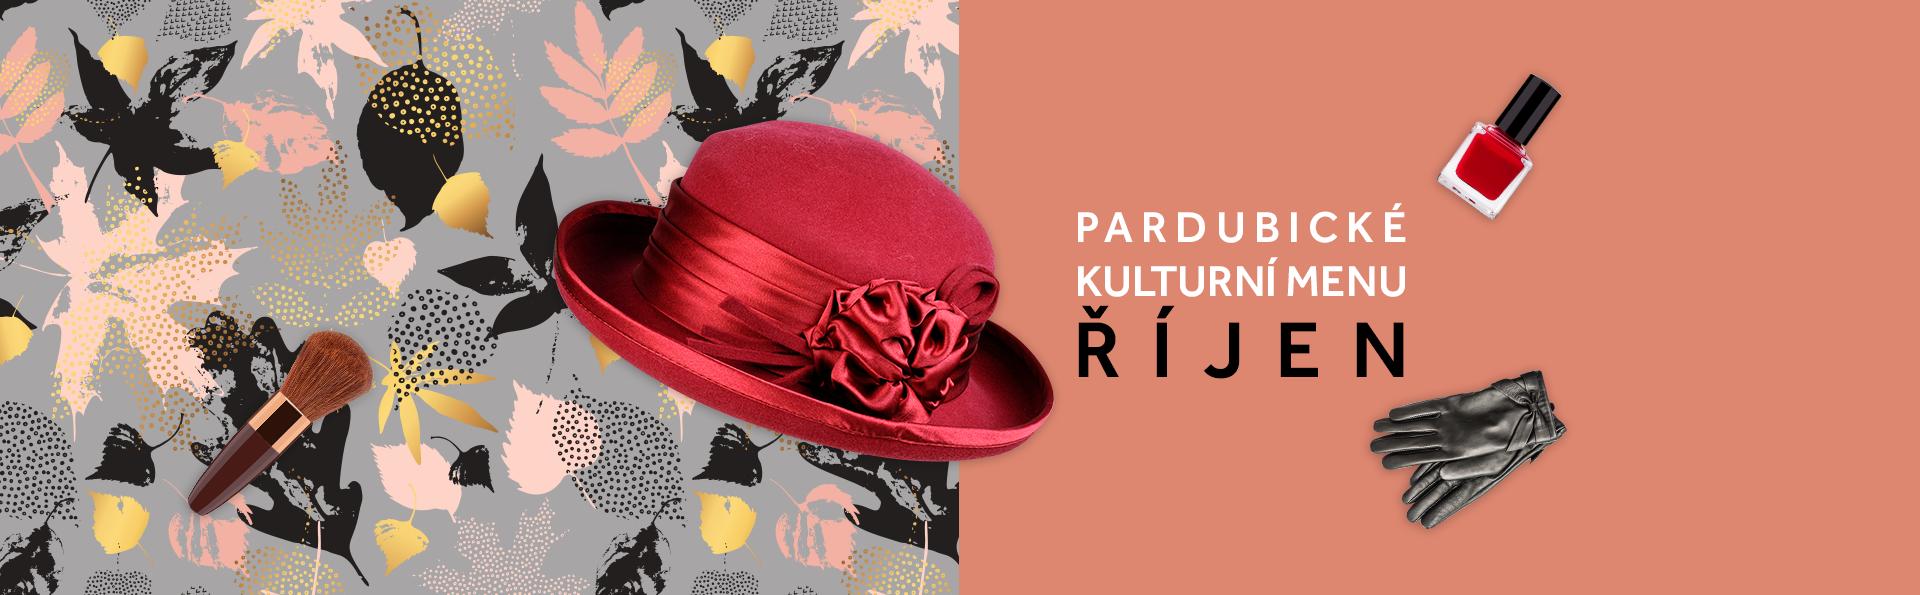 Pardubické kulturní menu – říjen